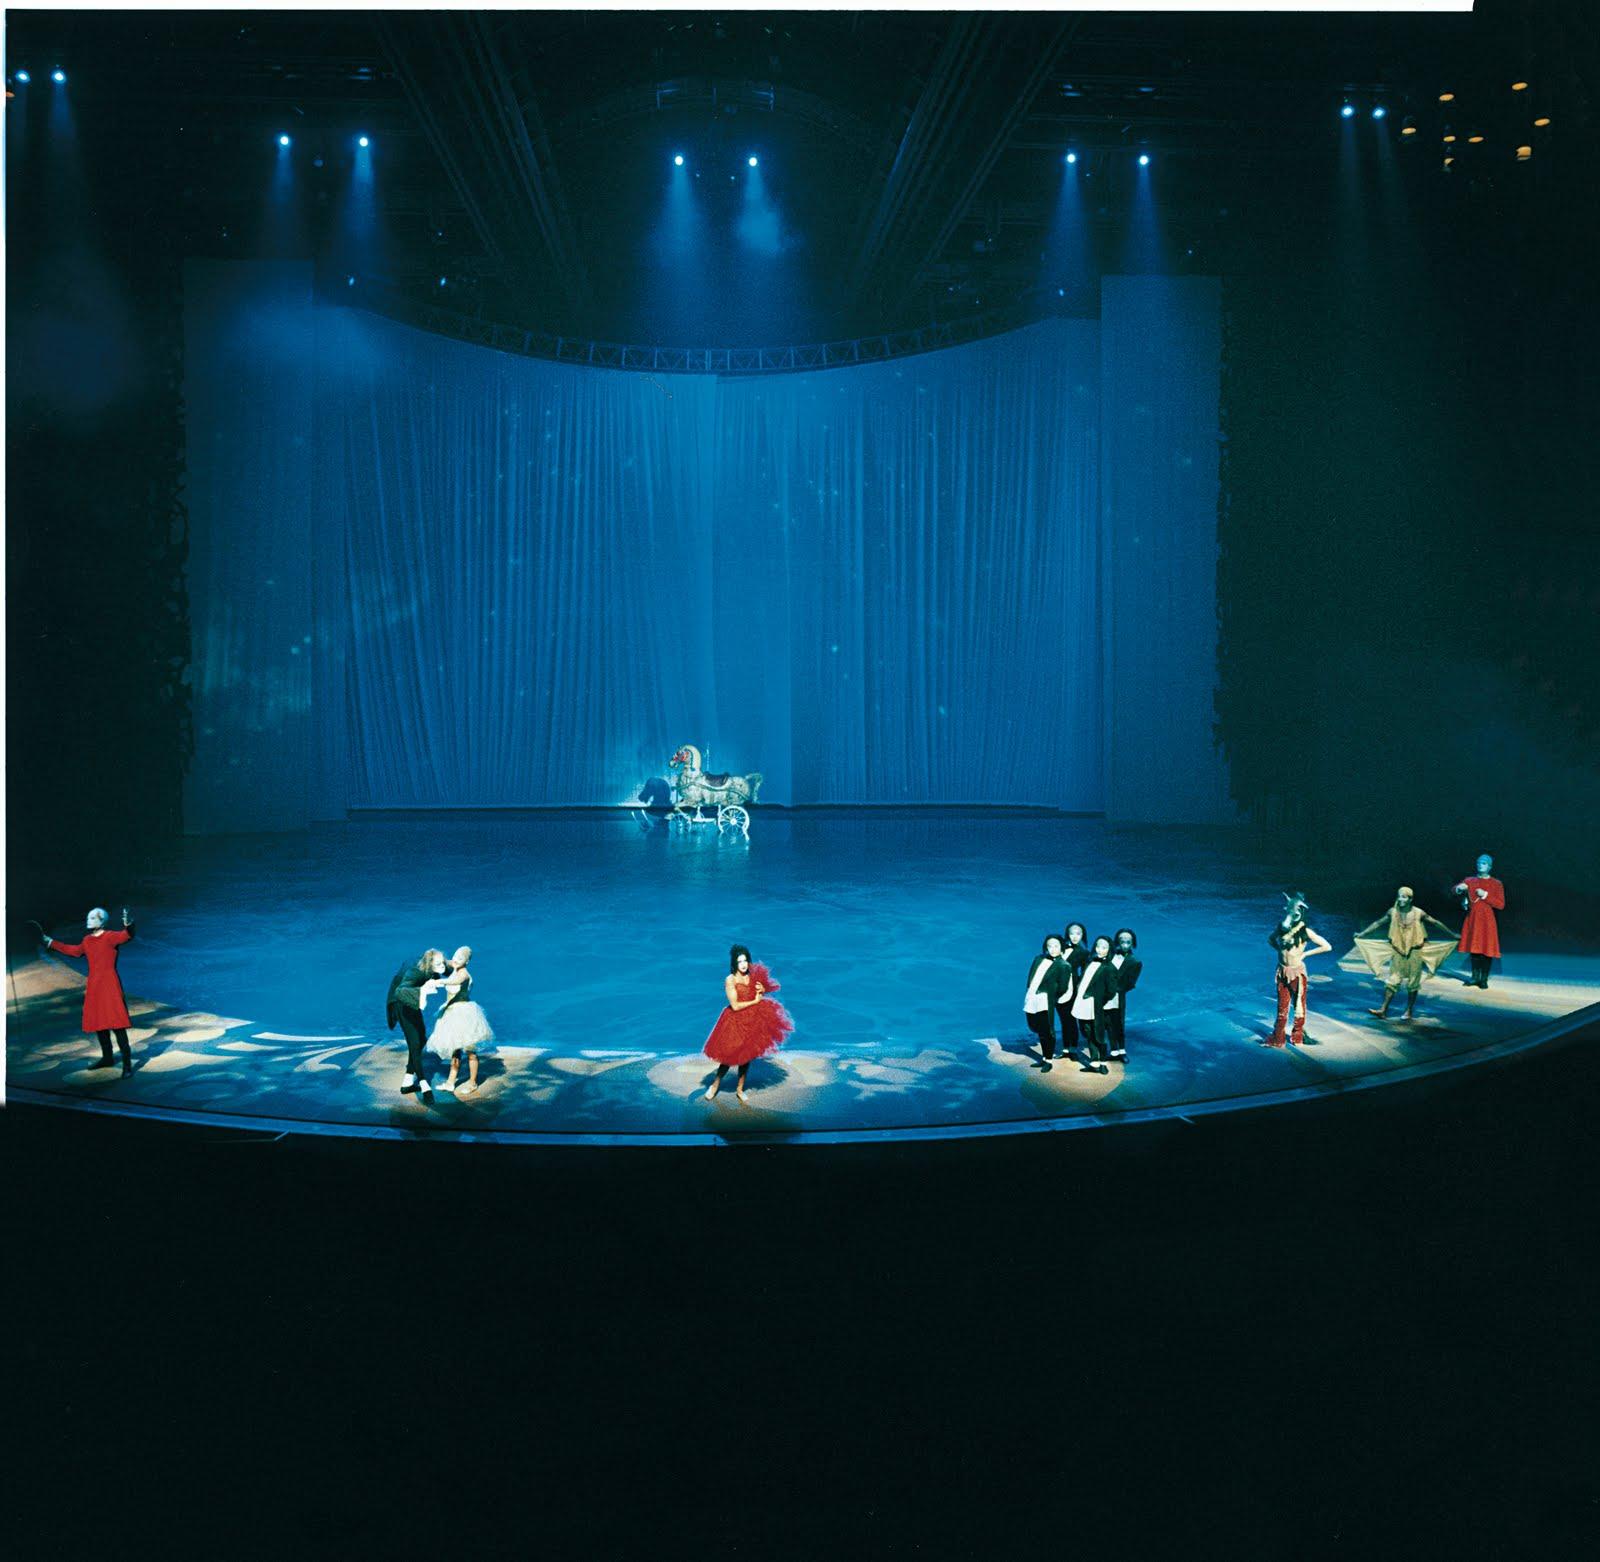 las vegas circus circus hotel casino & resort